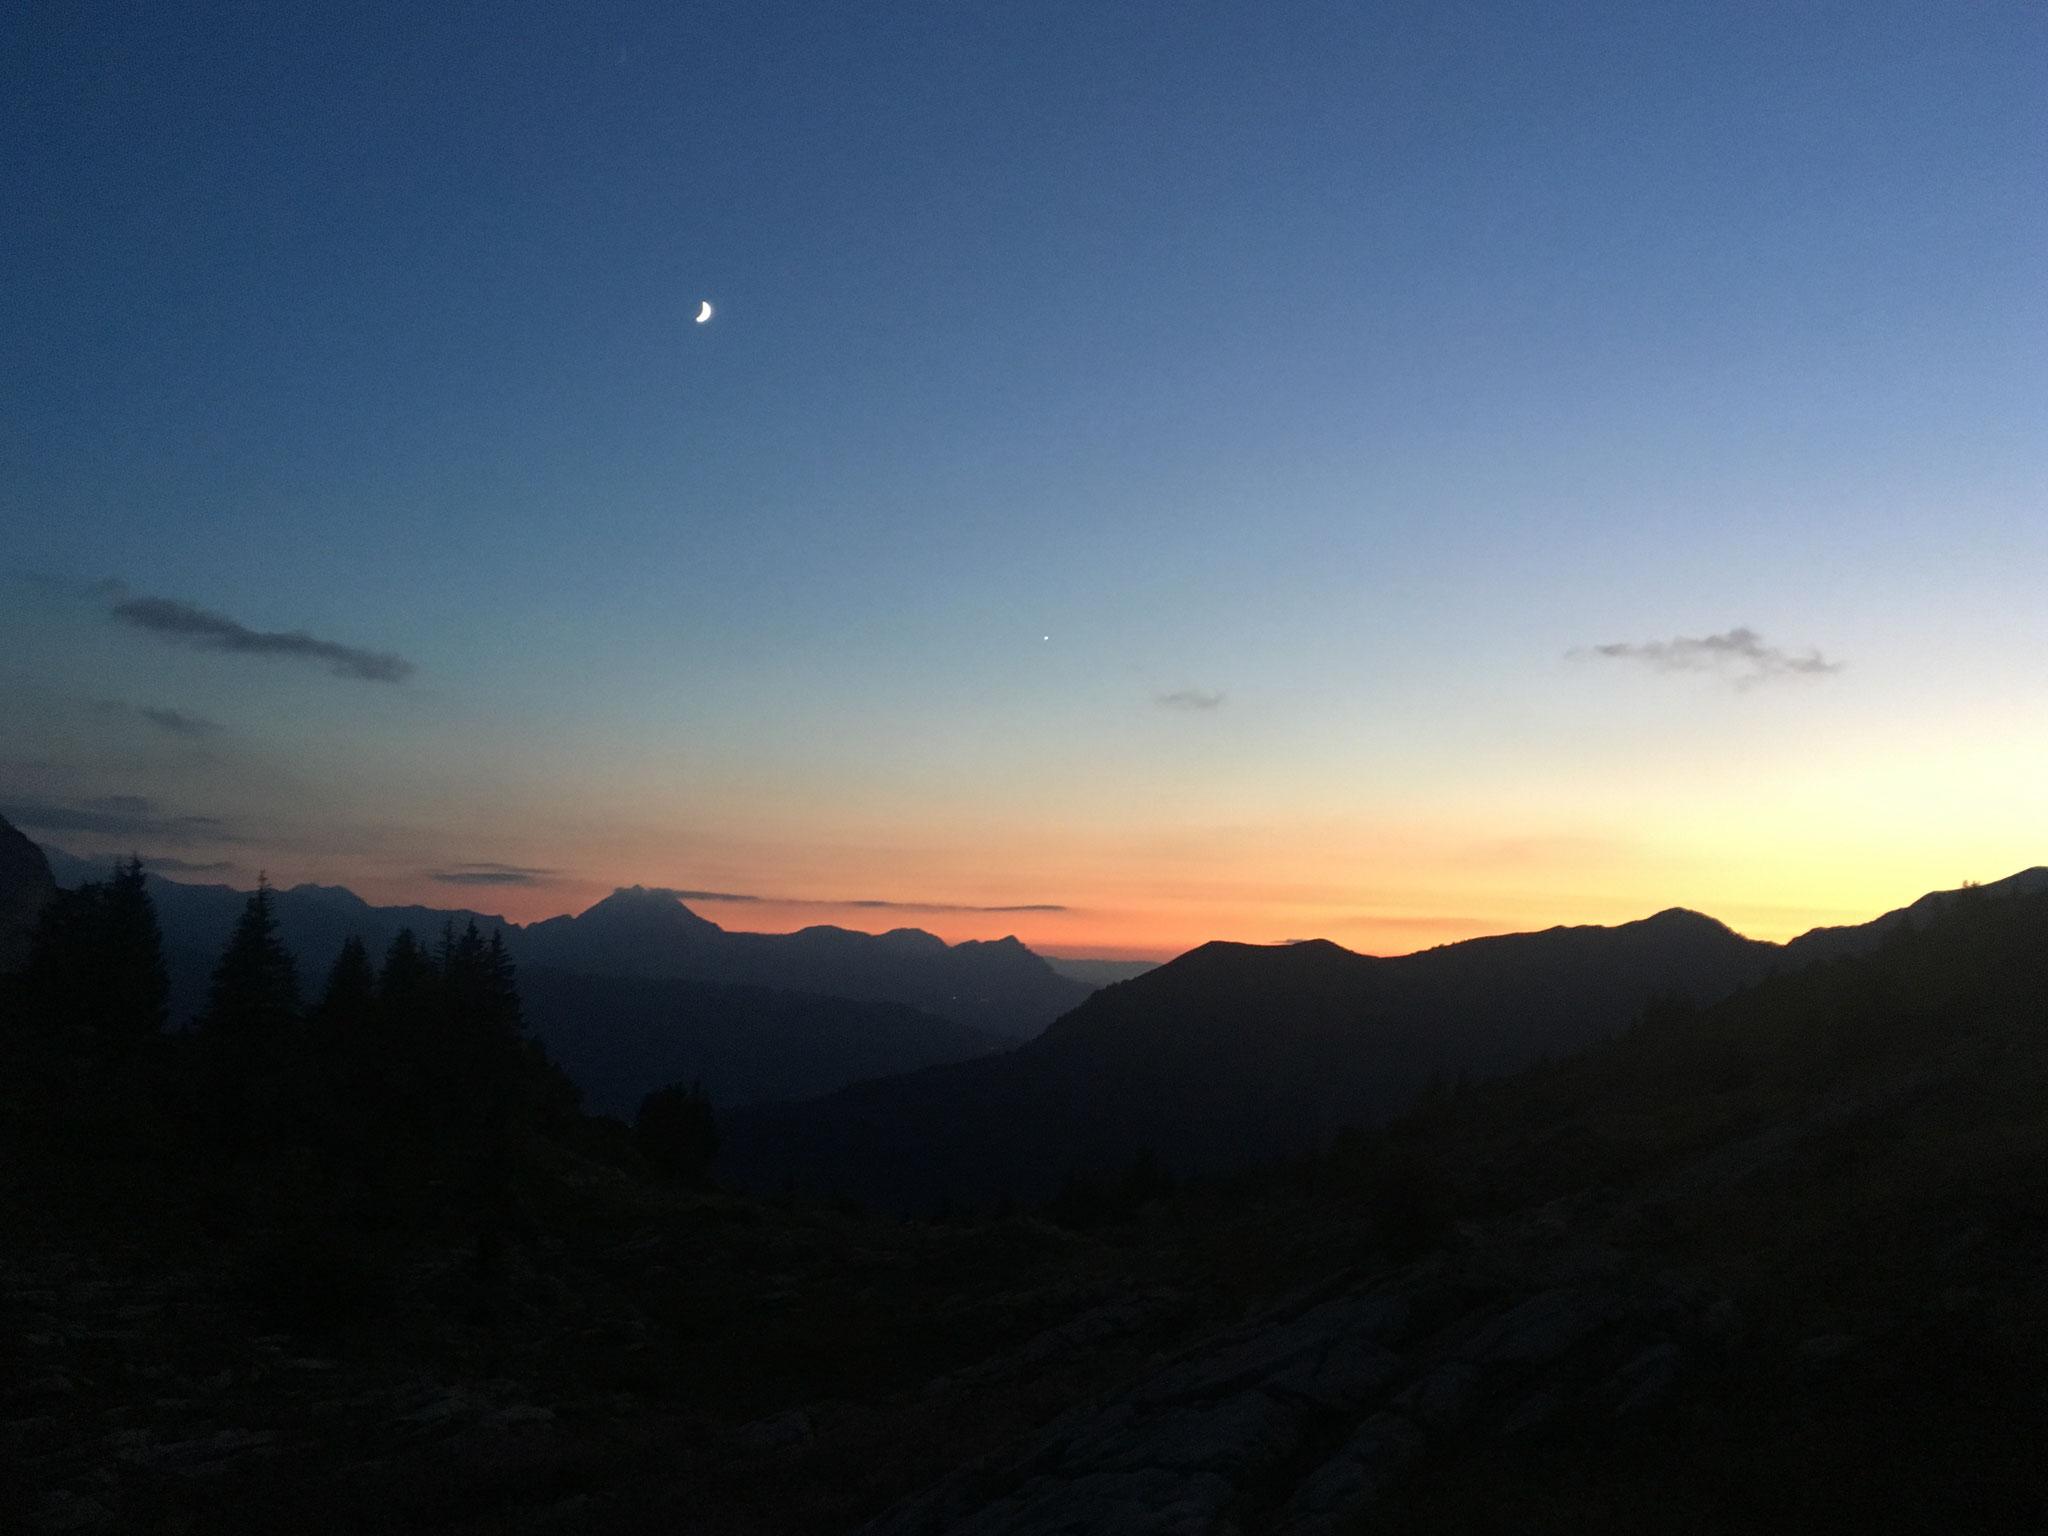 Soirée et coucher de soleil au Refuge de Bostan